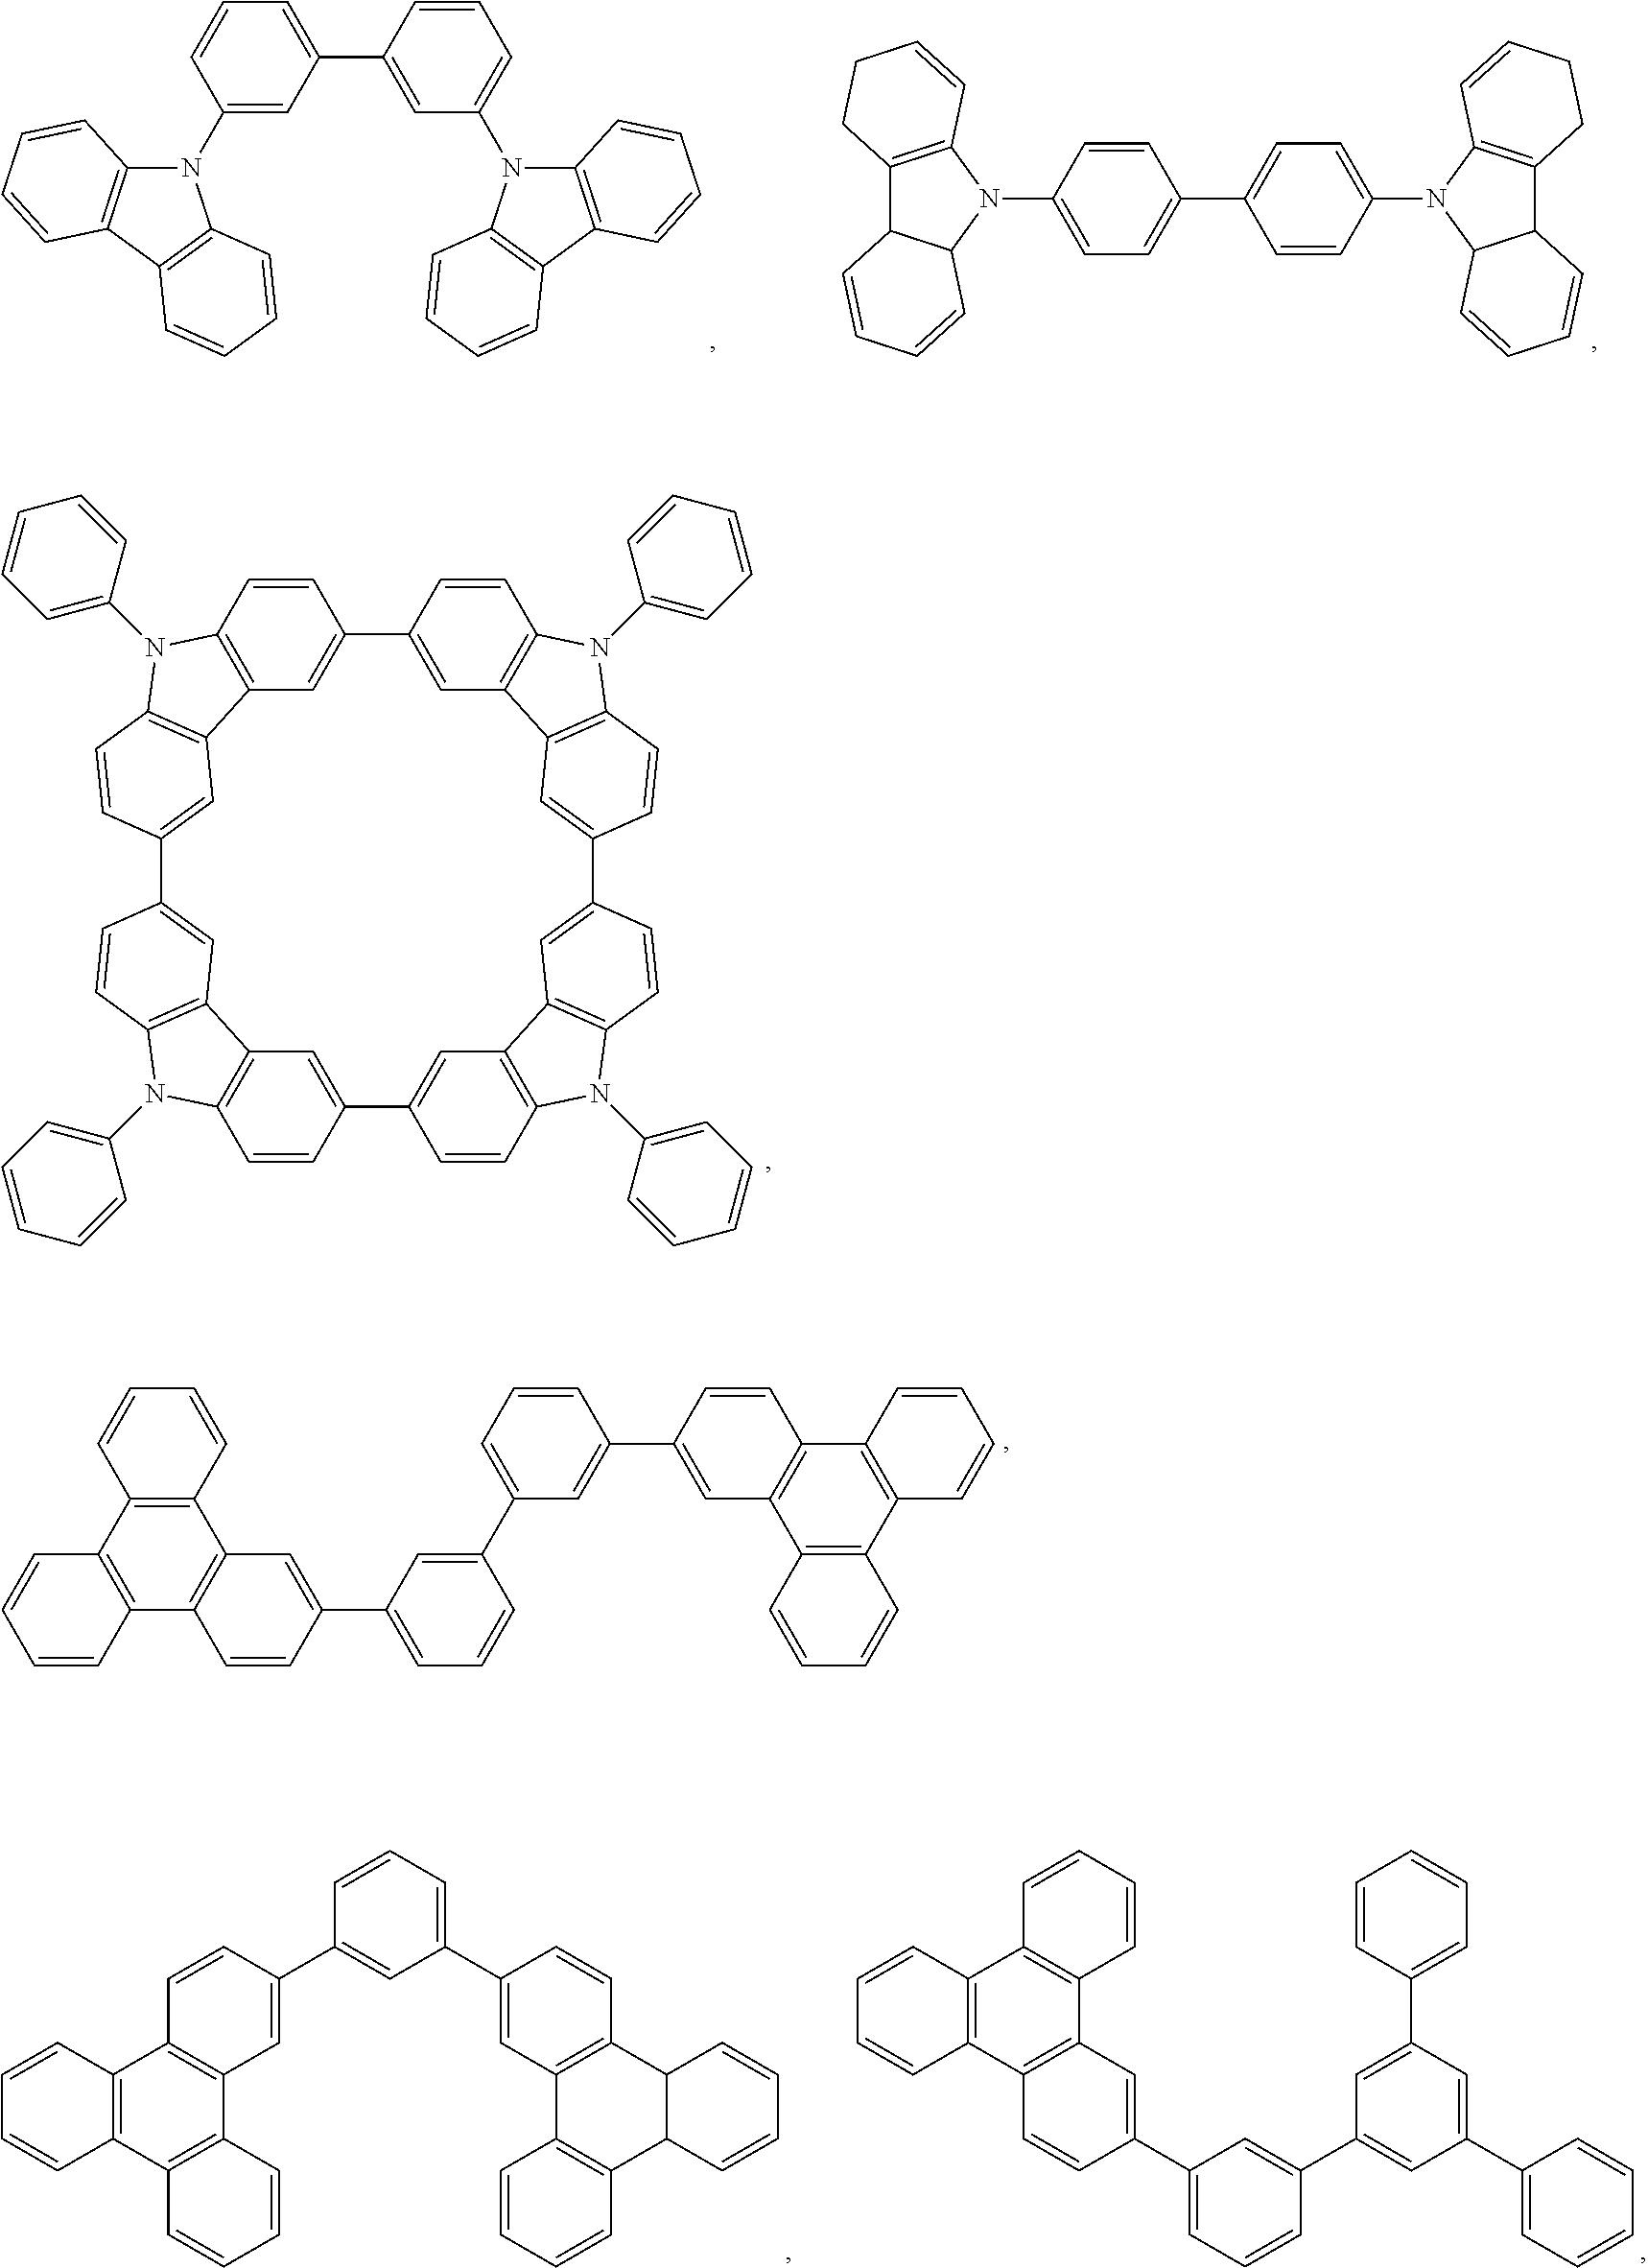 Figure US20170365801A1-20171221-C00109